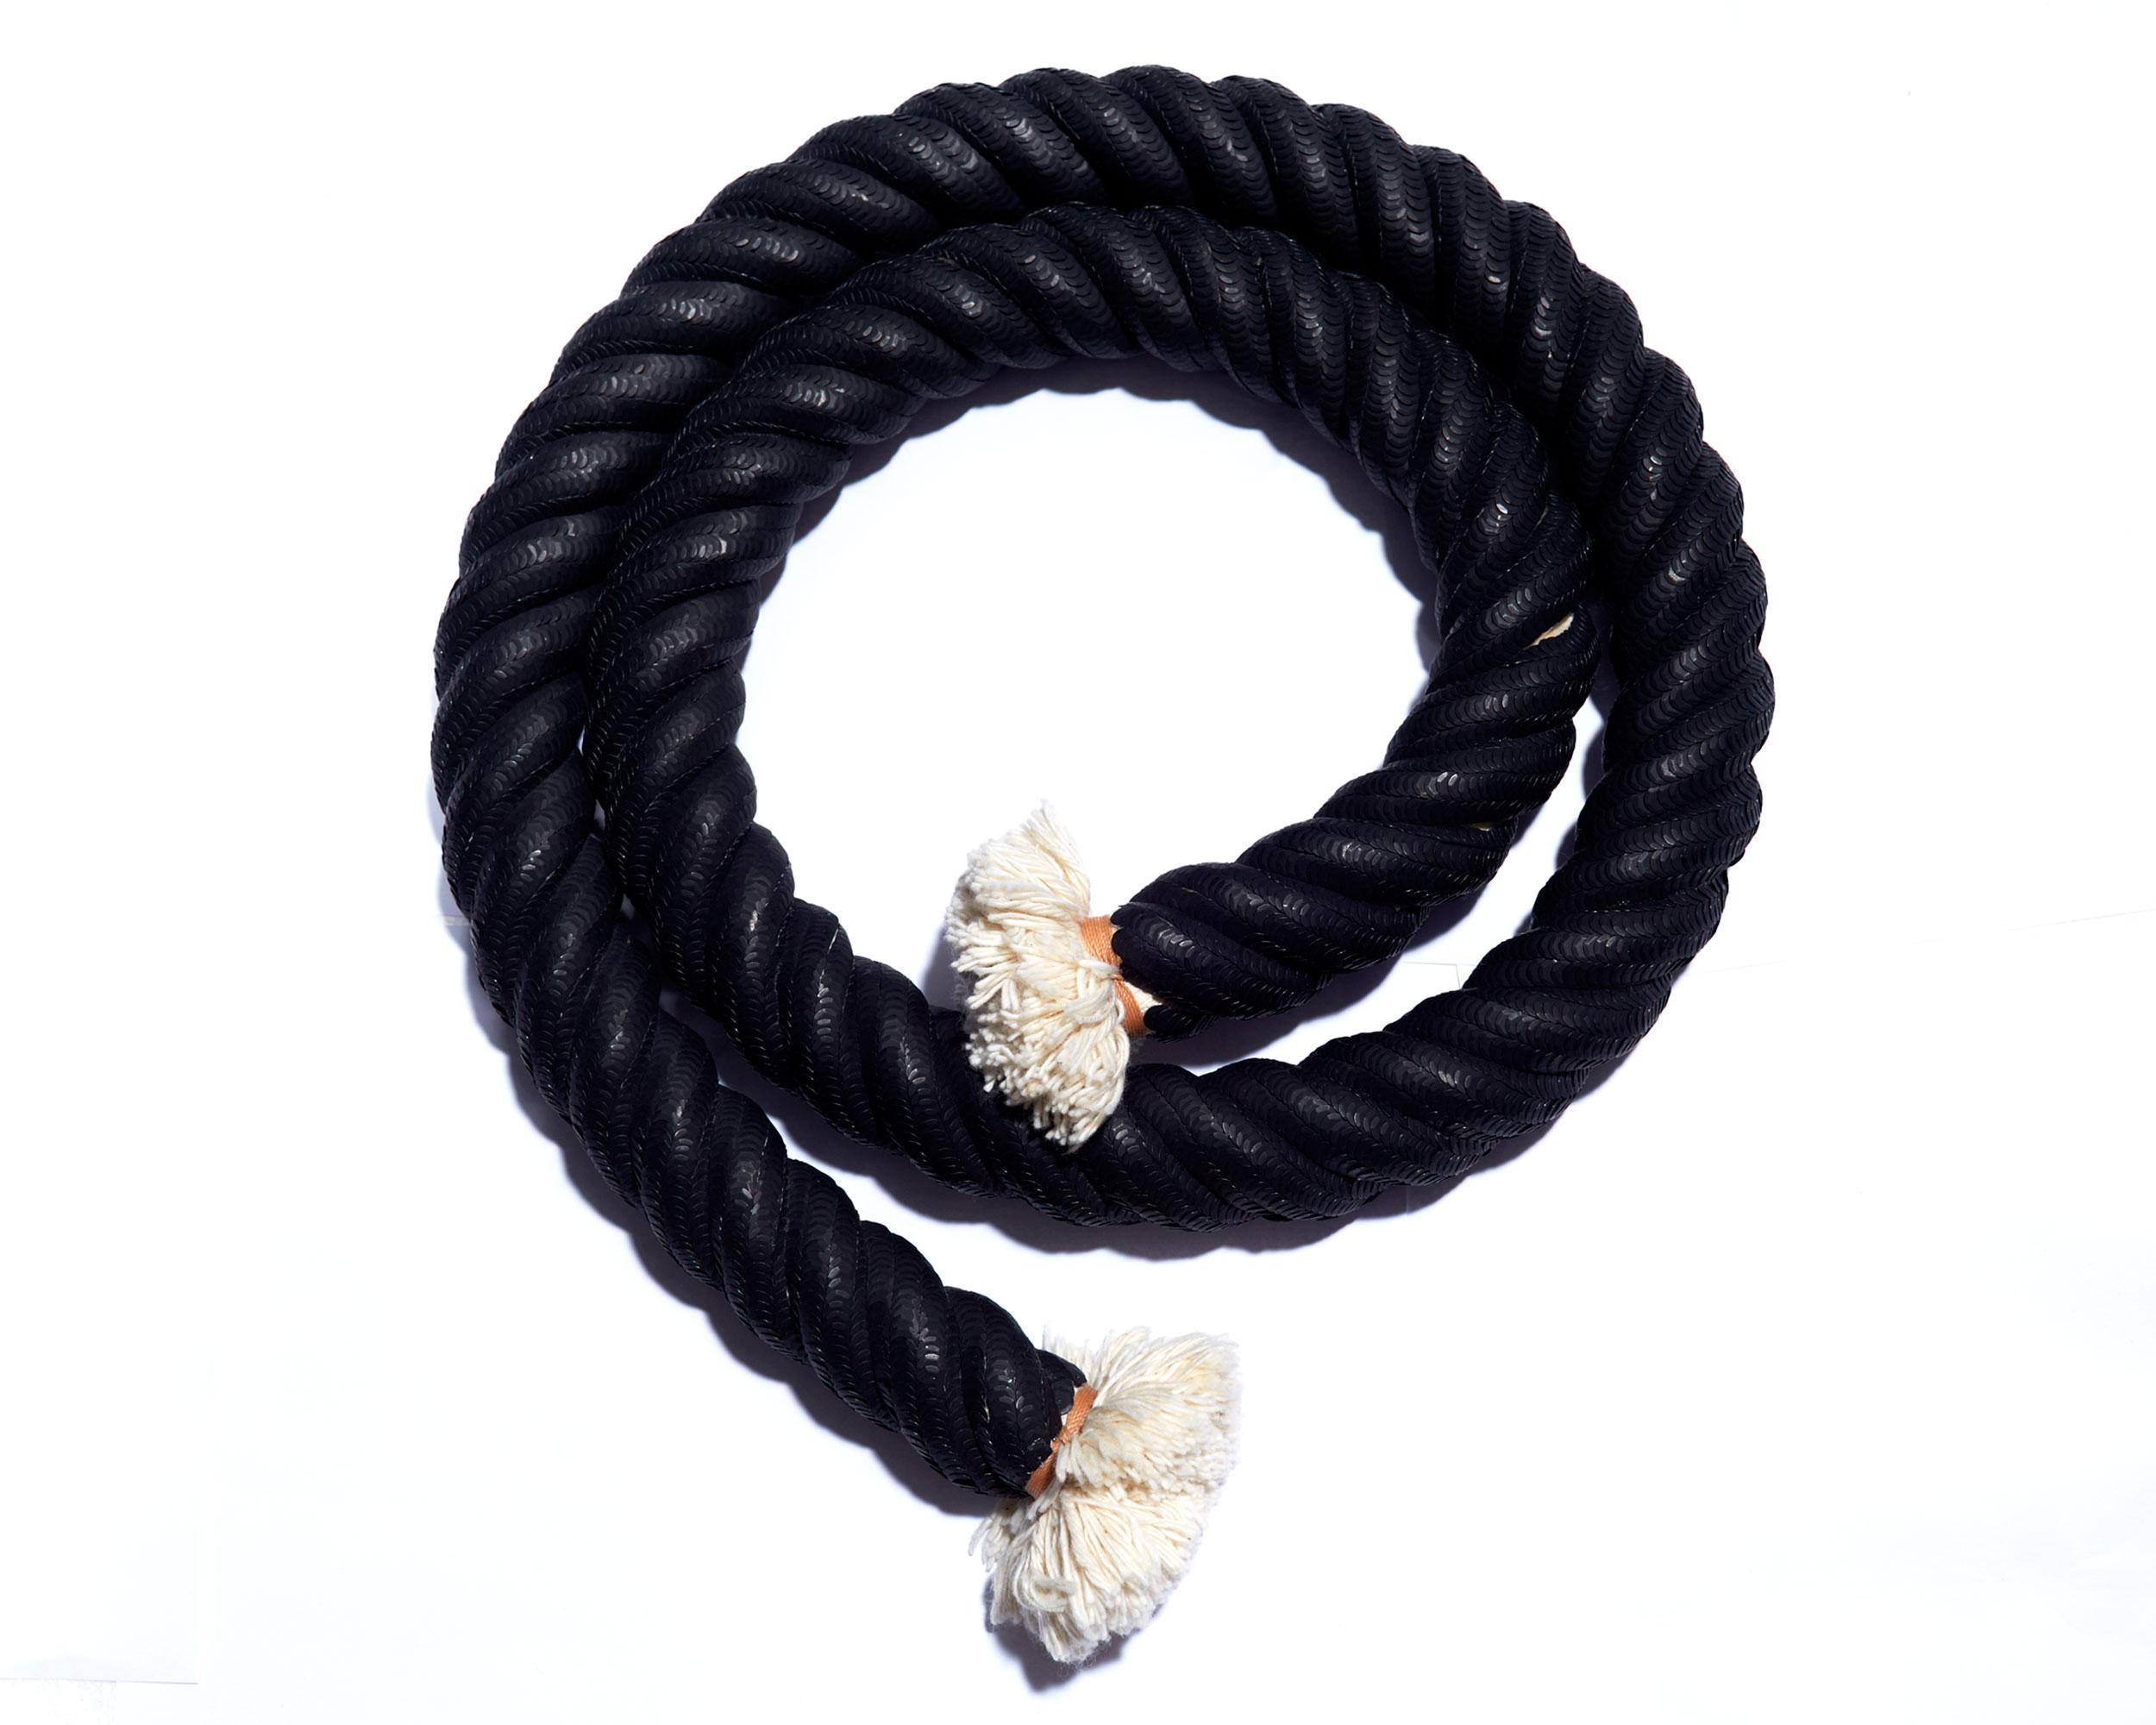 Rope-02.jpg